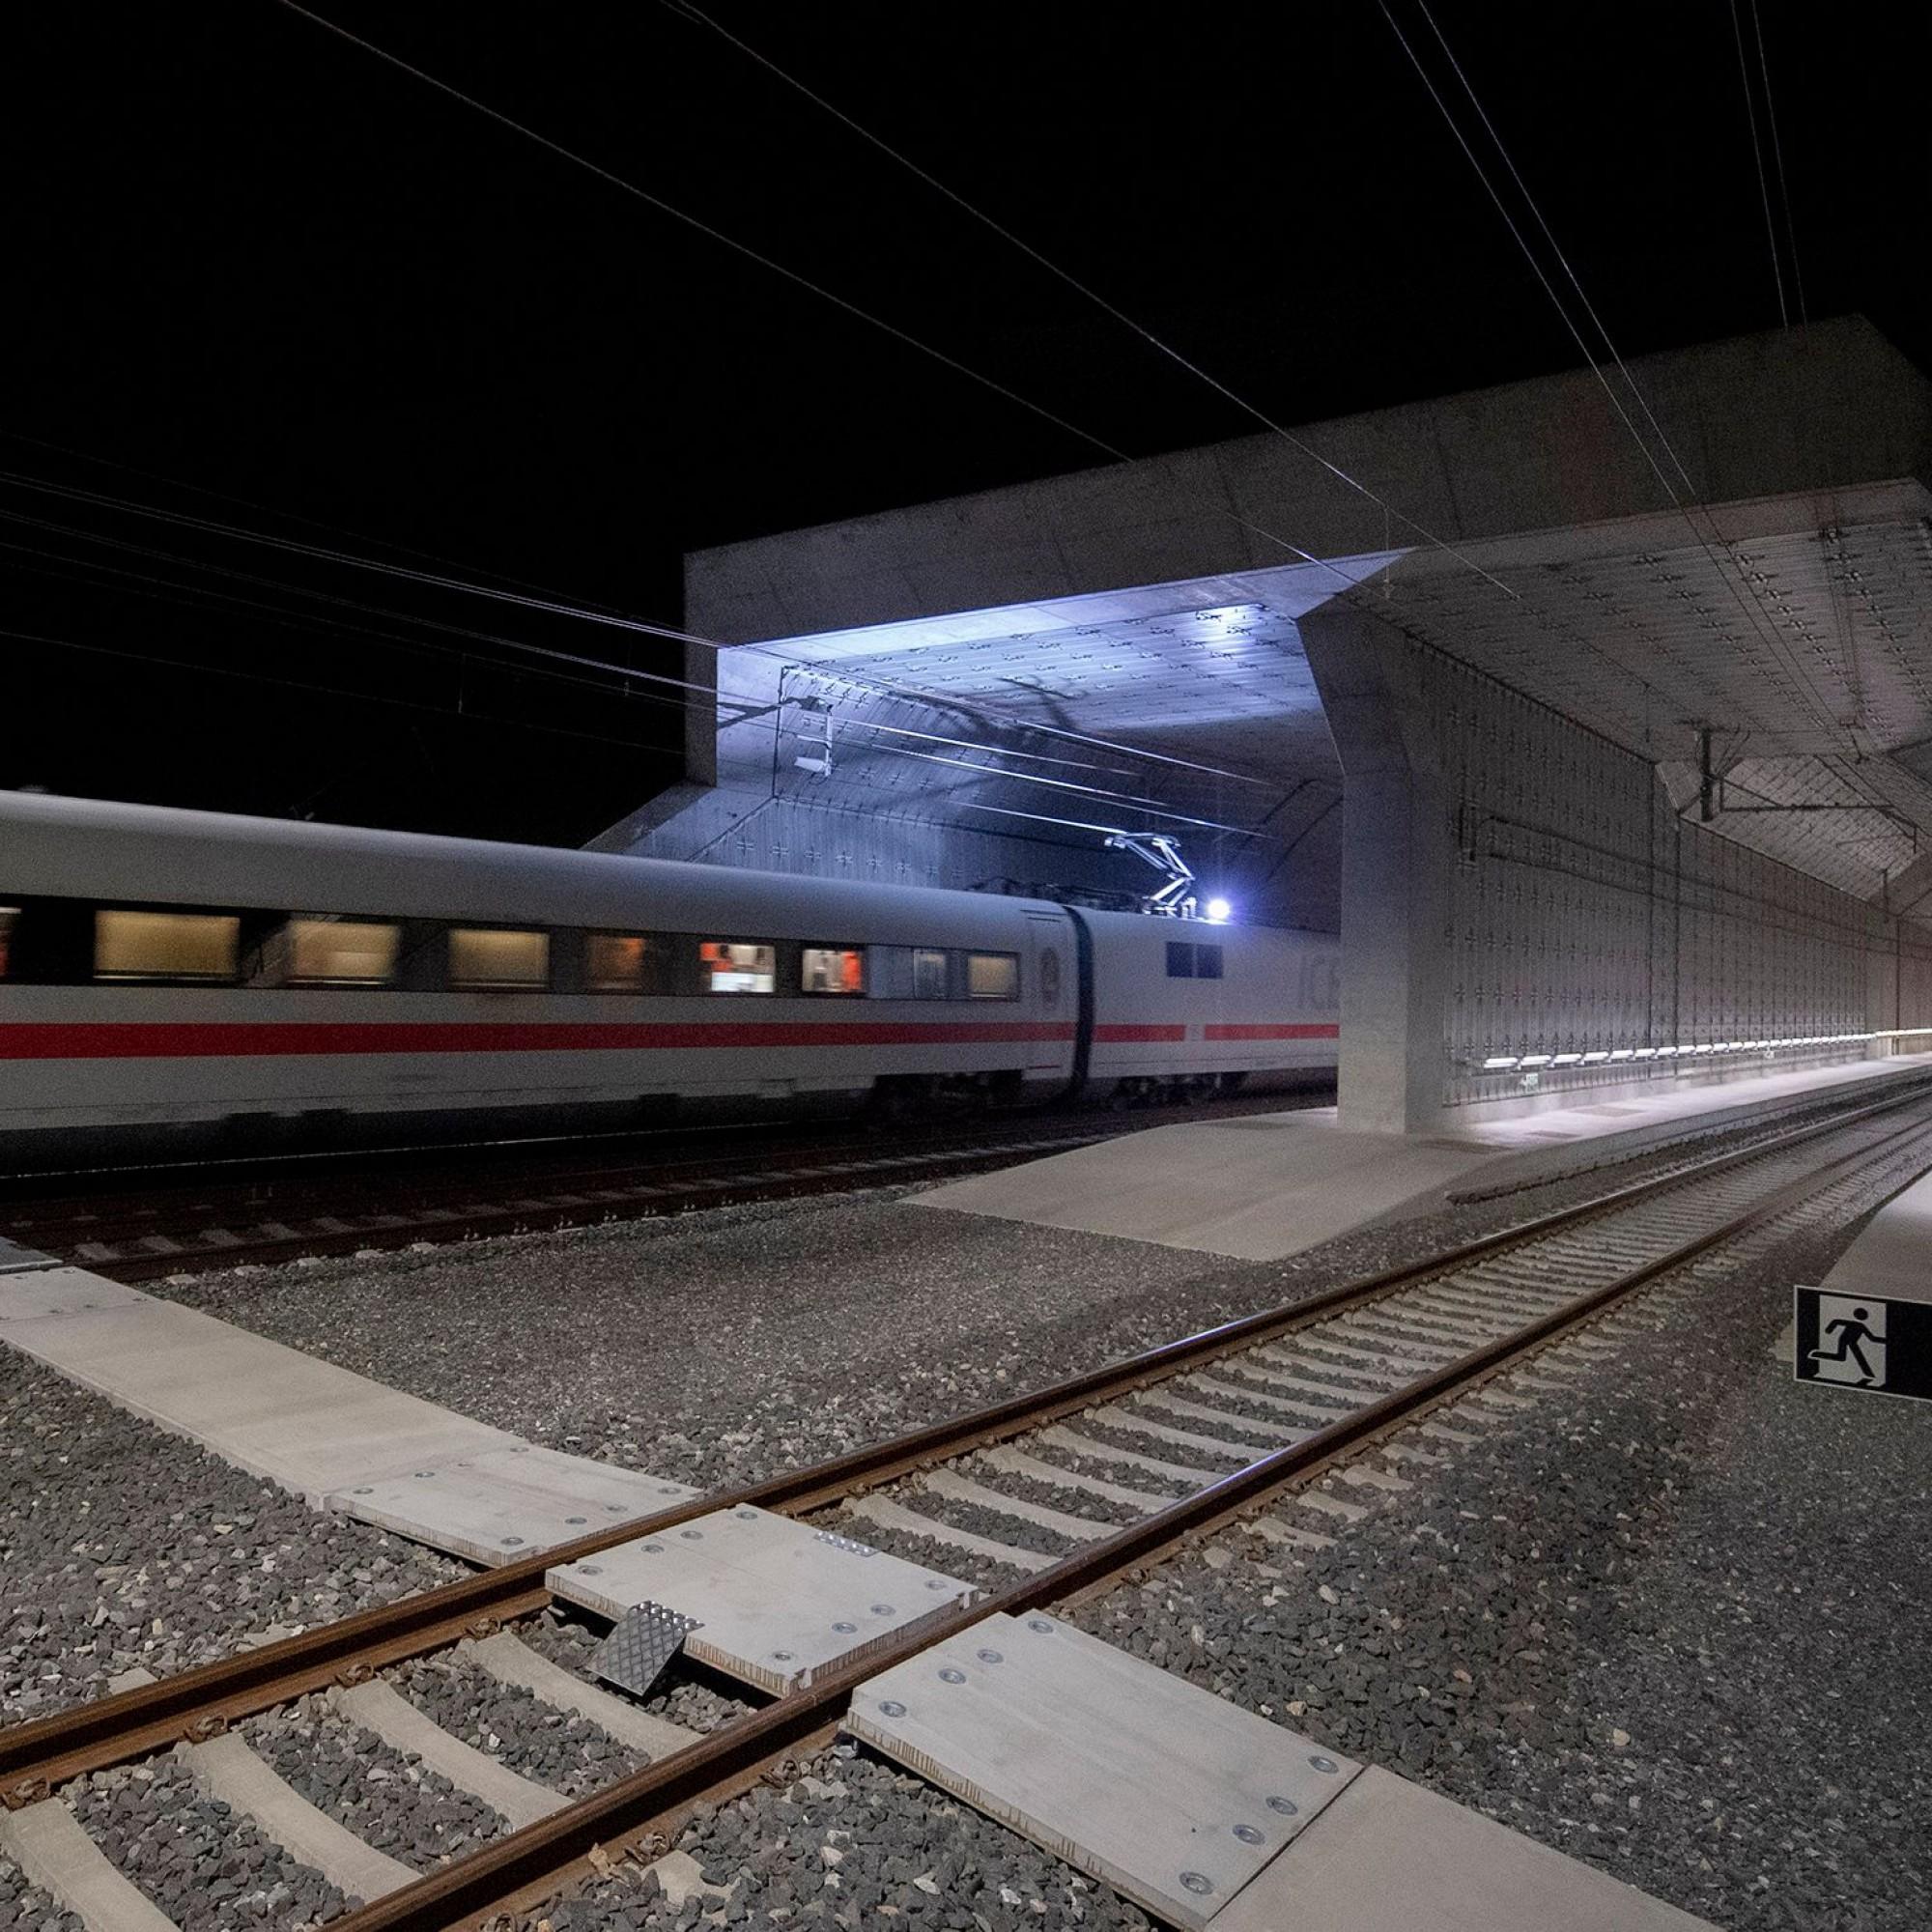 Testfahrt, Ceneribasistunnel bei Nacht.